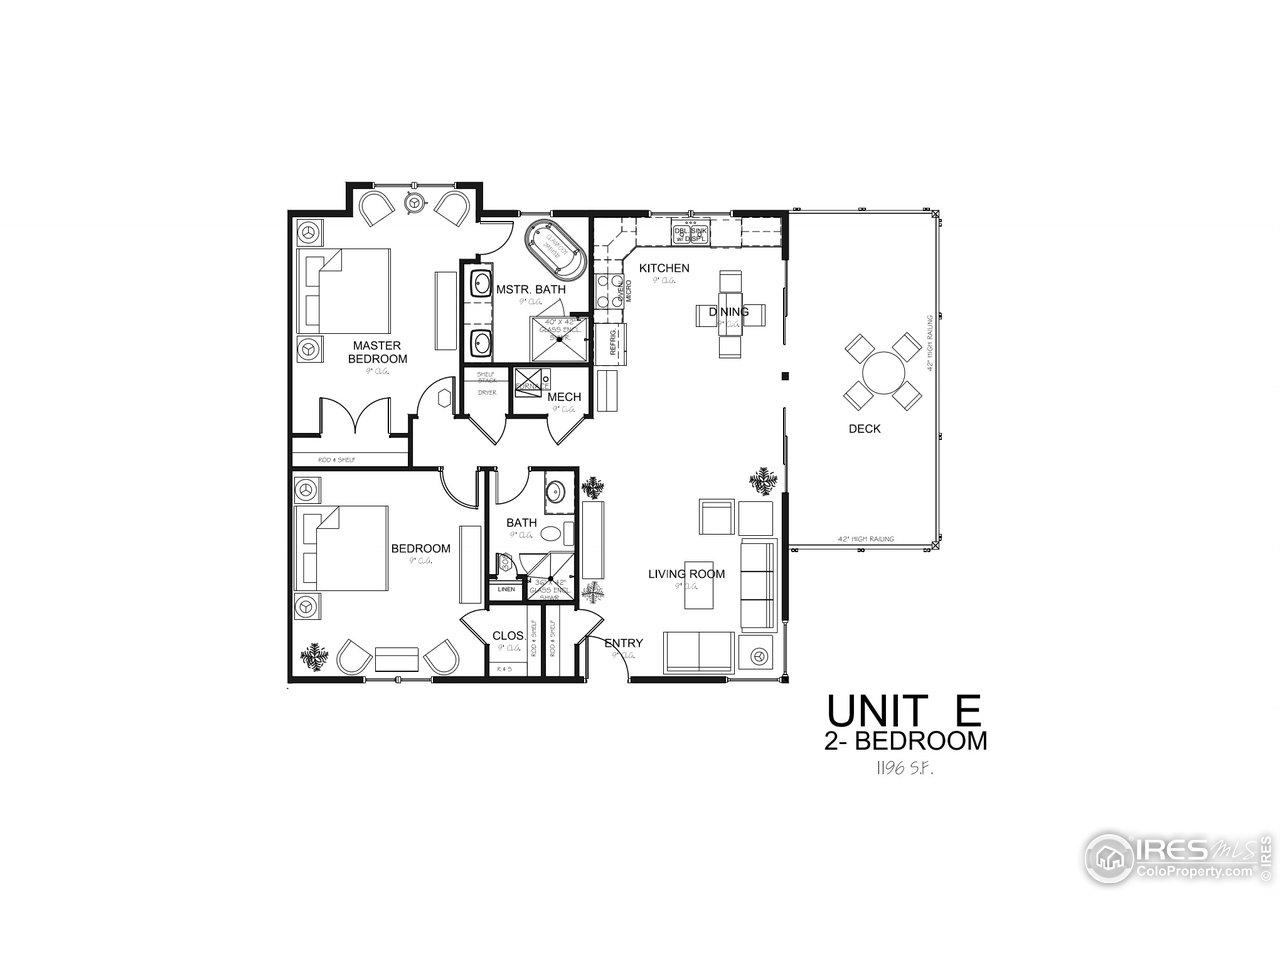 Oasis 2 Bedroom Unit E Floor Plan